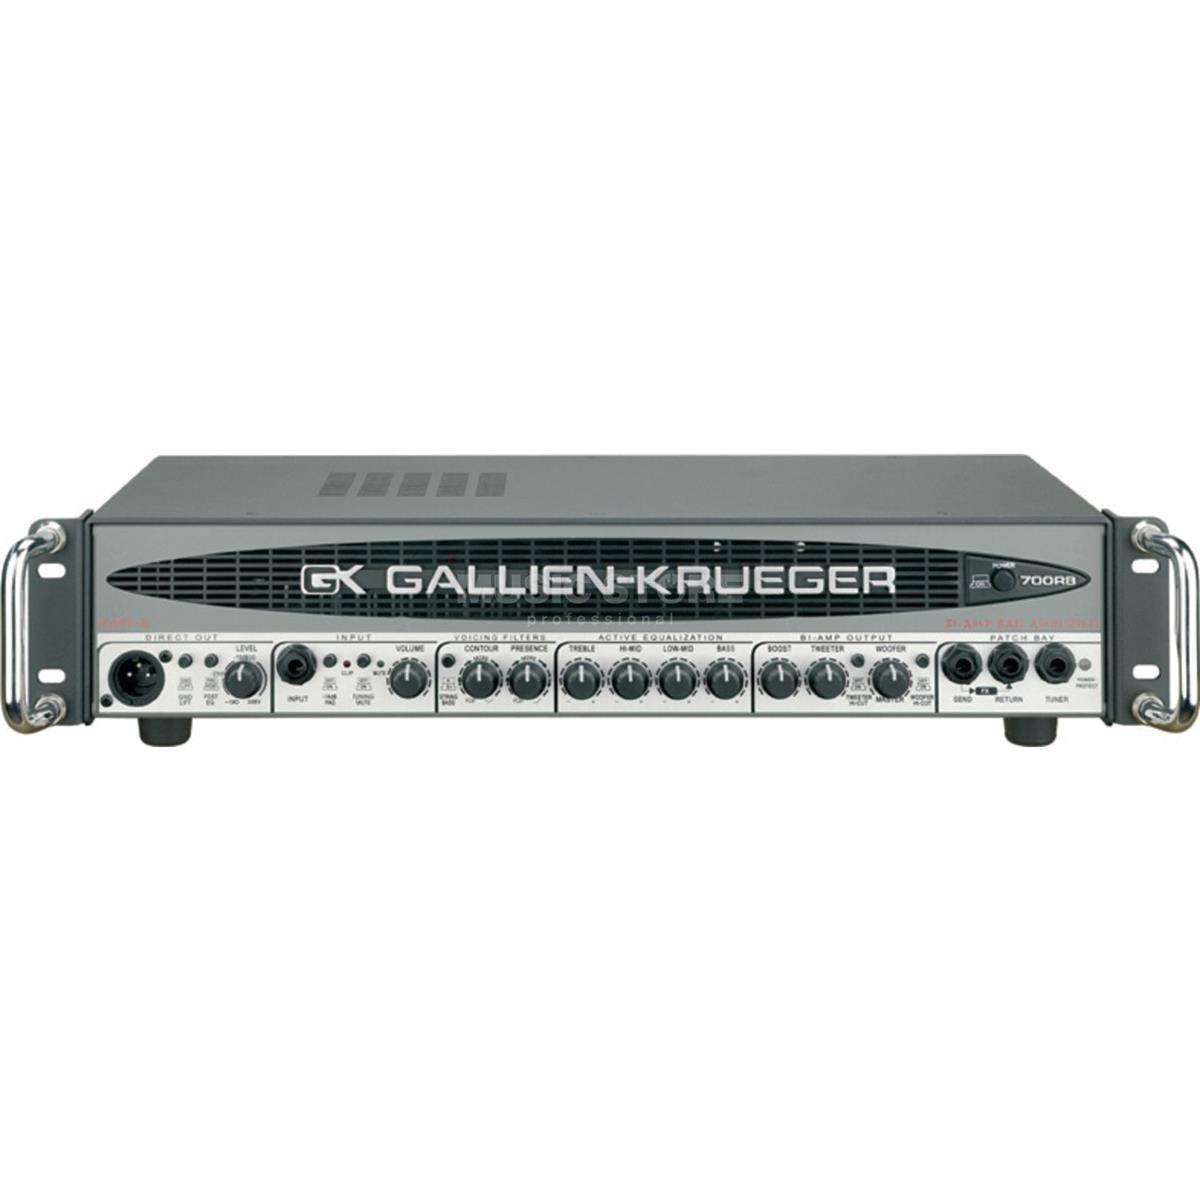 GALLIEN-KRUEGER-700-RB-II-BI-AMP-2-sku-5000